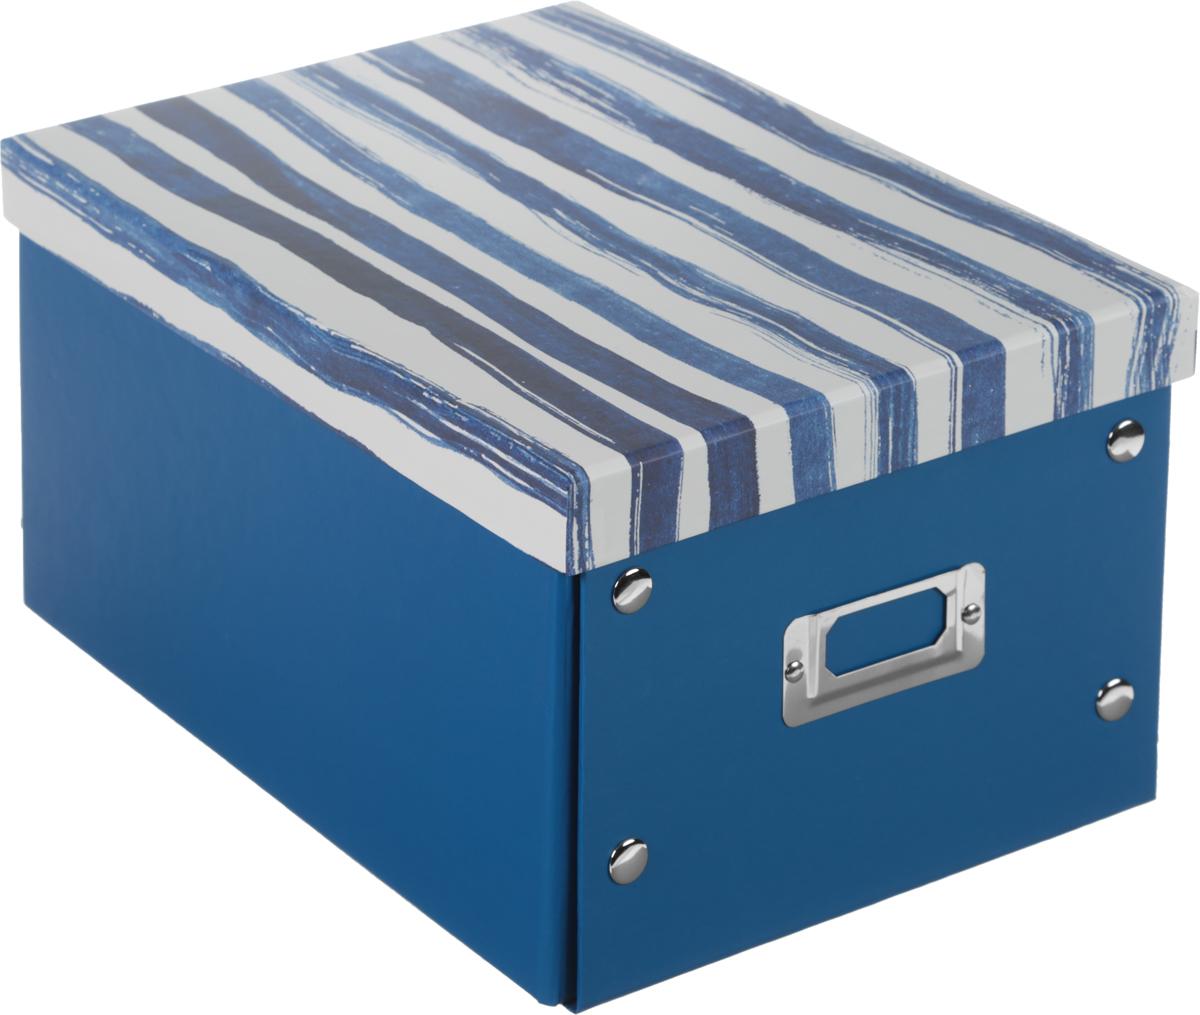 Коробка для хранения, складная, цвет: синий, белый, 21 х 25,5 х 15 смLS-8283AGКоробкадля хранения изготовлена из высококачественного плотного картонаи оформлена оригинальным принтом. Она предназначена для хранения различных мелочей. Изделие легко собирается с помощью металлических креплений и не занимает много места. Такая коробка для хранения идеальное решение для аккуратного хранения различных ниток, канцелярских товаров.Размер коробки (в собранном виде): 21 х 25,5 х 15 см.